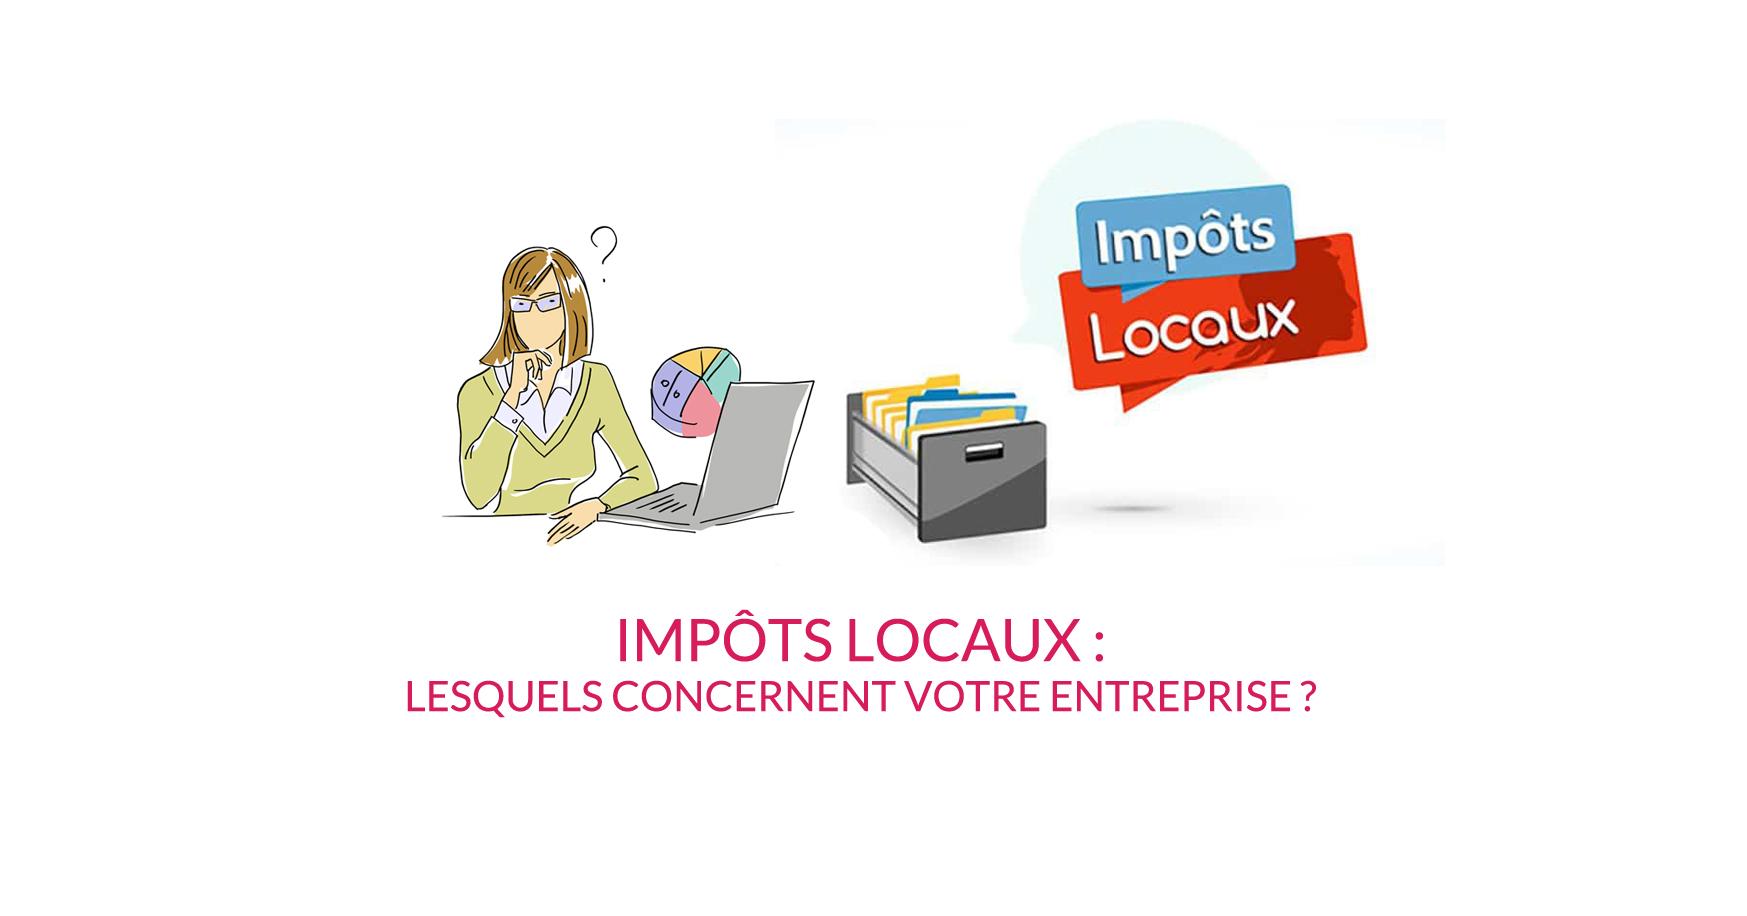 Impôts locaux : lesquels concernent votre entreprise ?